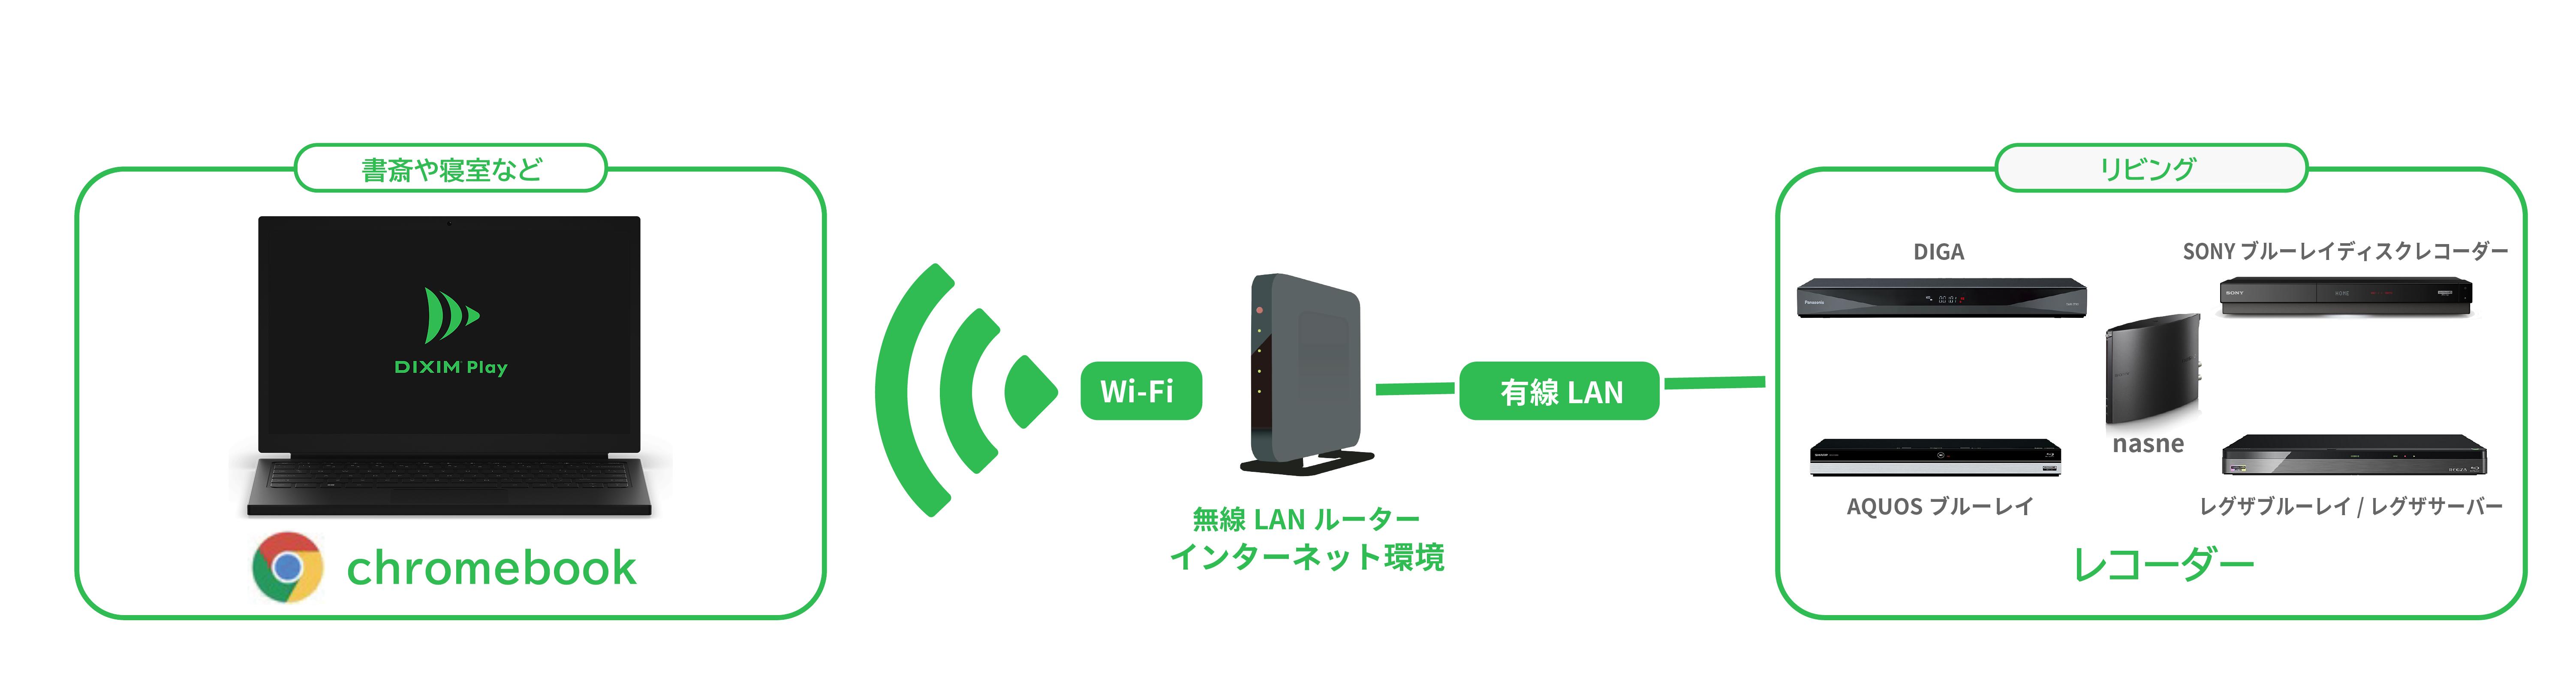 家庭内のWi-Fiルーターに、DiXiM PlayがインストールされたChromebookとレコーダーを繋げることで、録画番組や放送中の番組が見られるようになります。